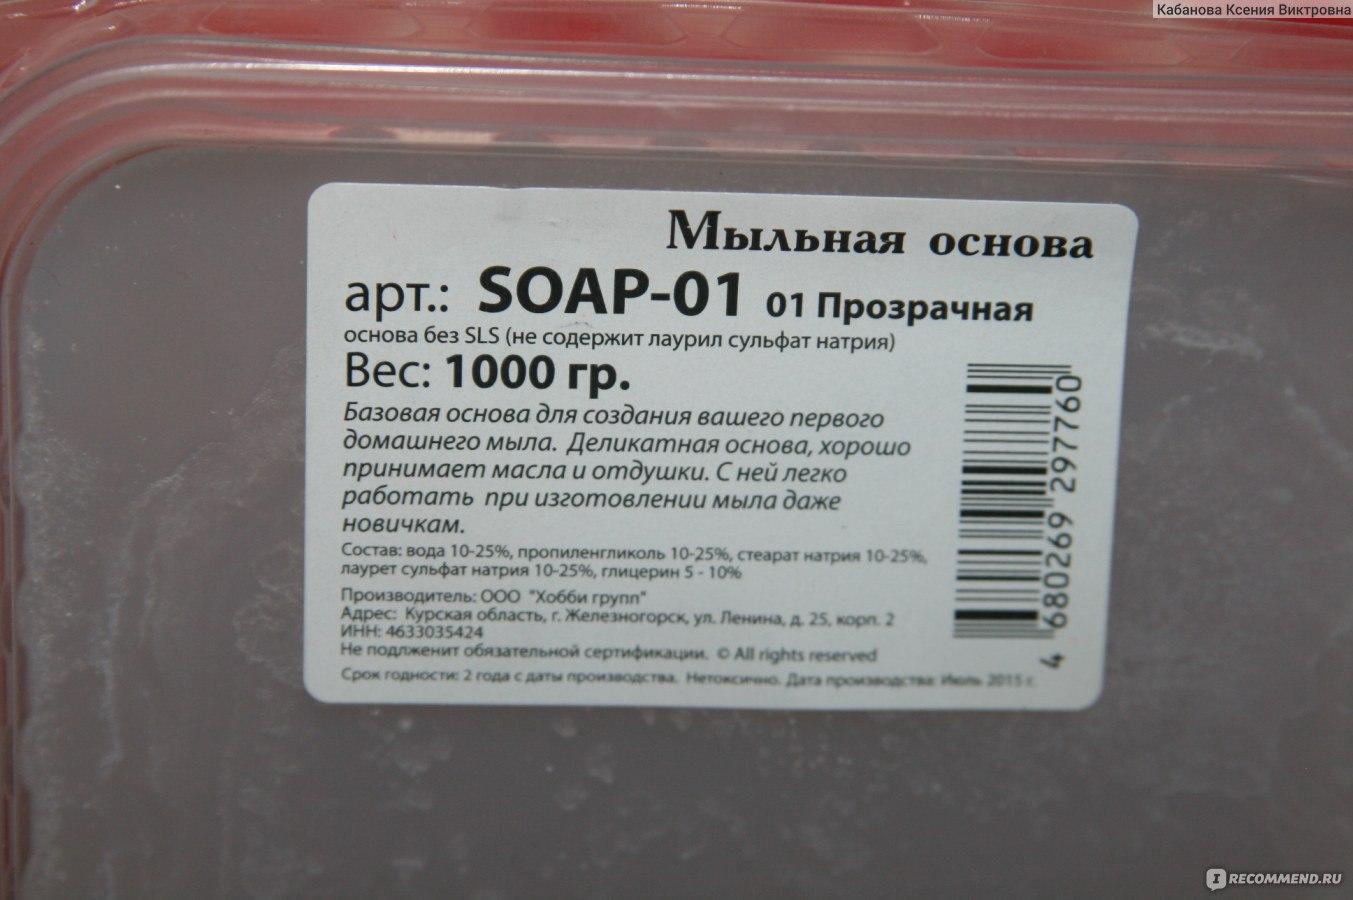 Мыльная основа для мыловарения состав